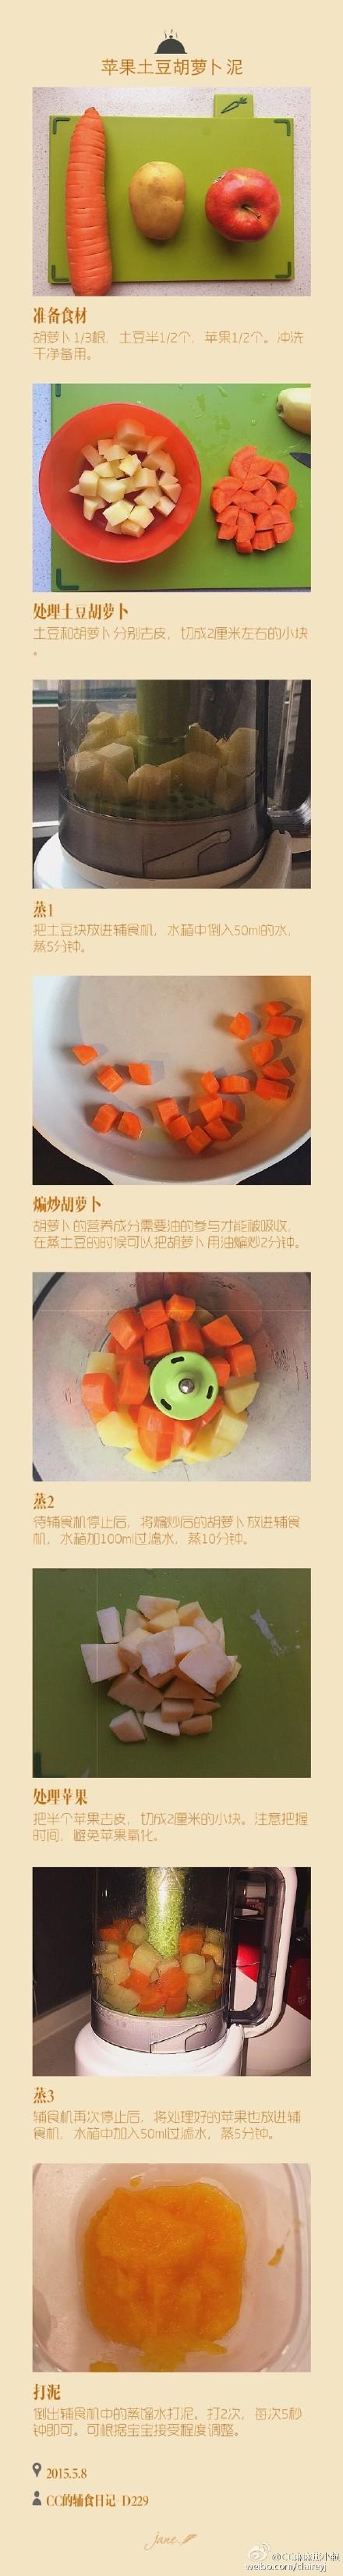 苹果土豆胡萝卜泥适合7个月以上的宝宝,要搭配米粉吃营养才更均衡哦~